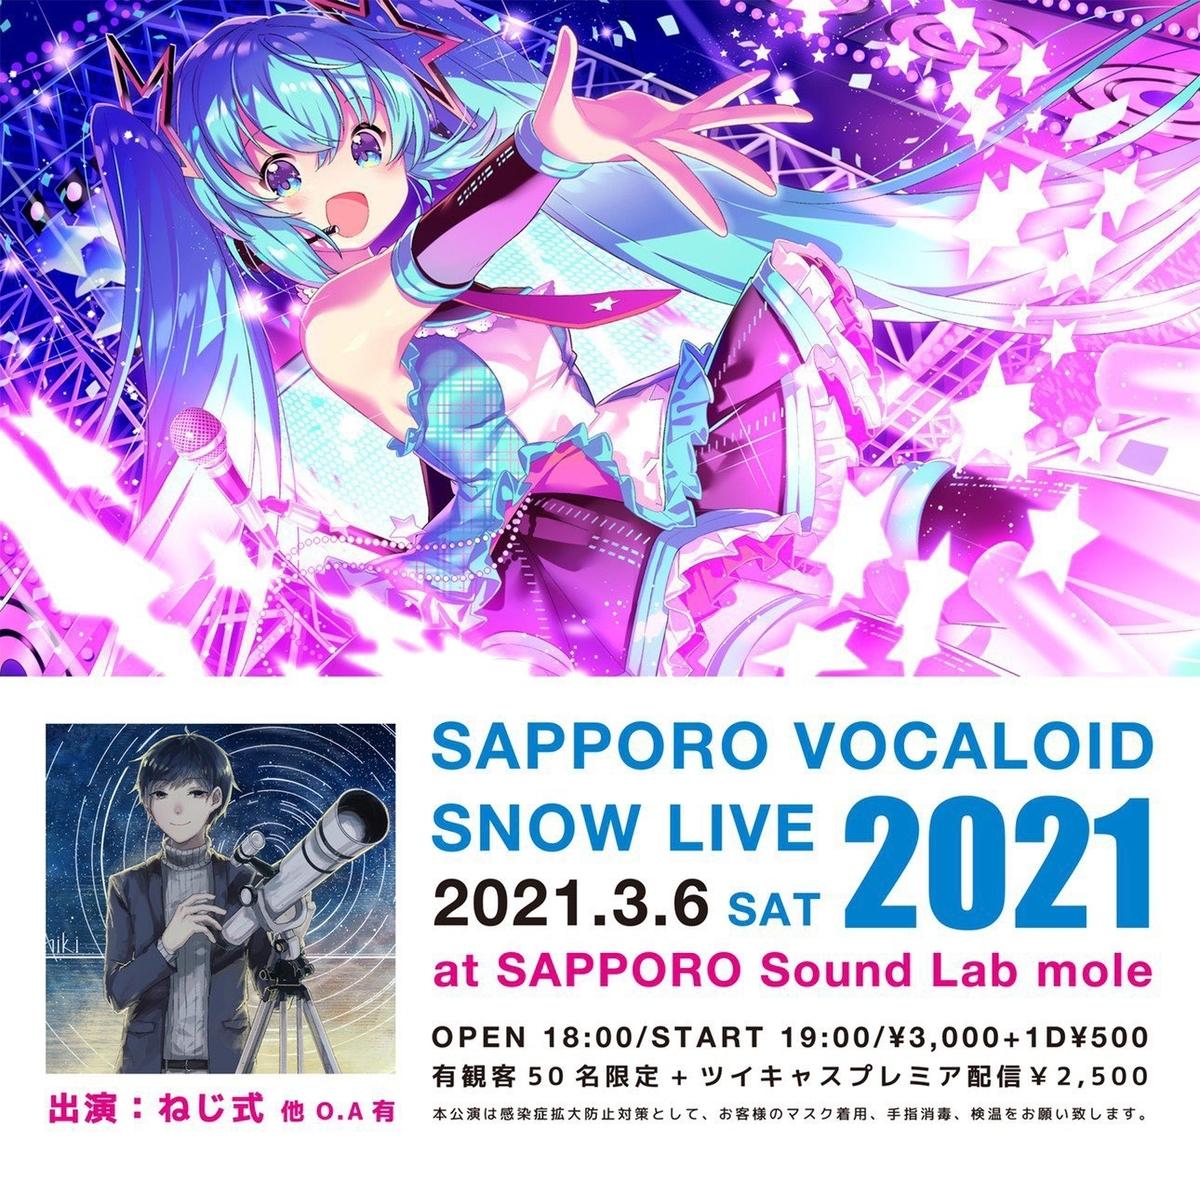 f:id:kamito620:20210311210154j:plain